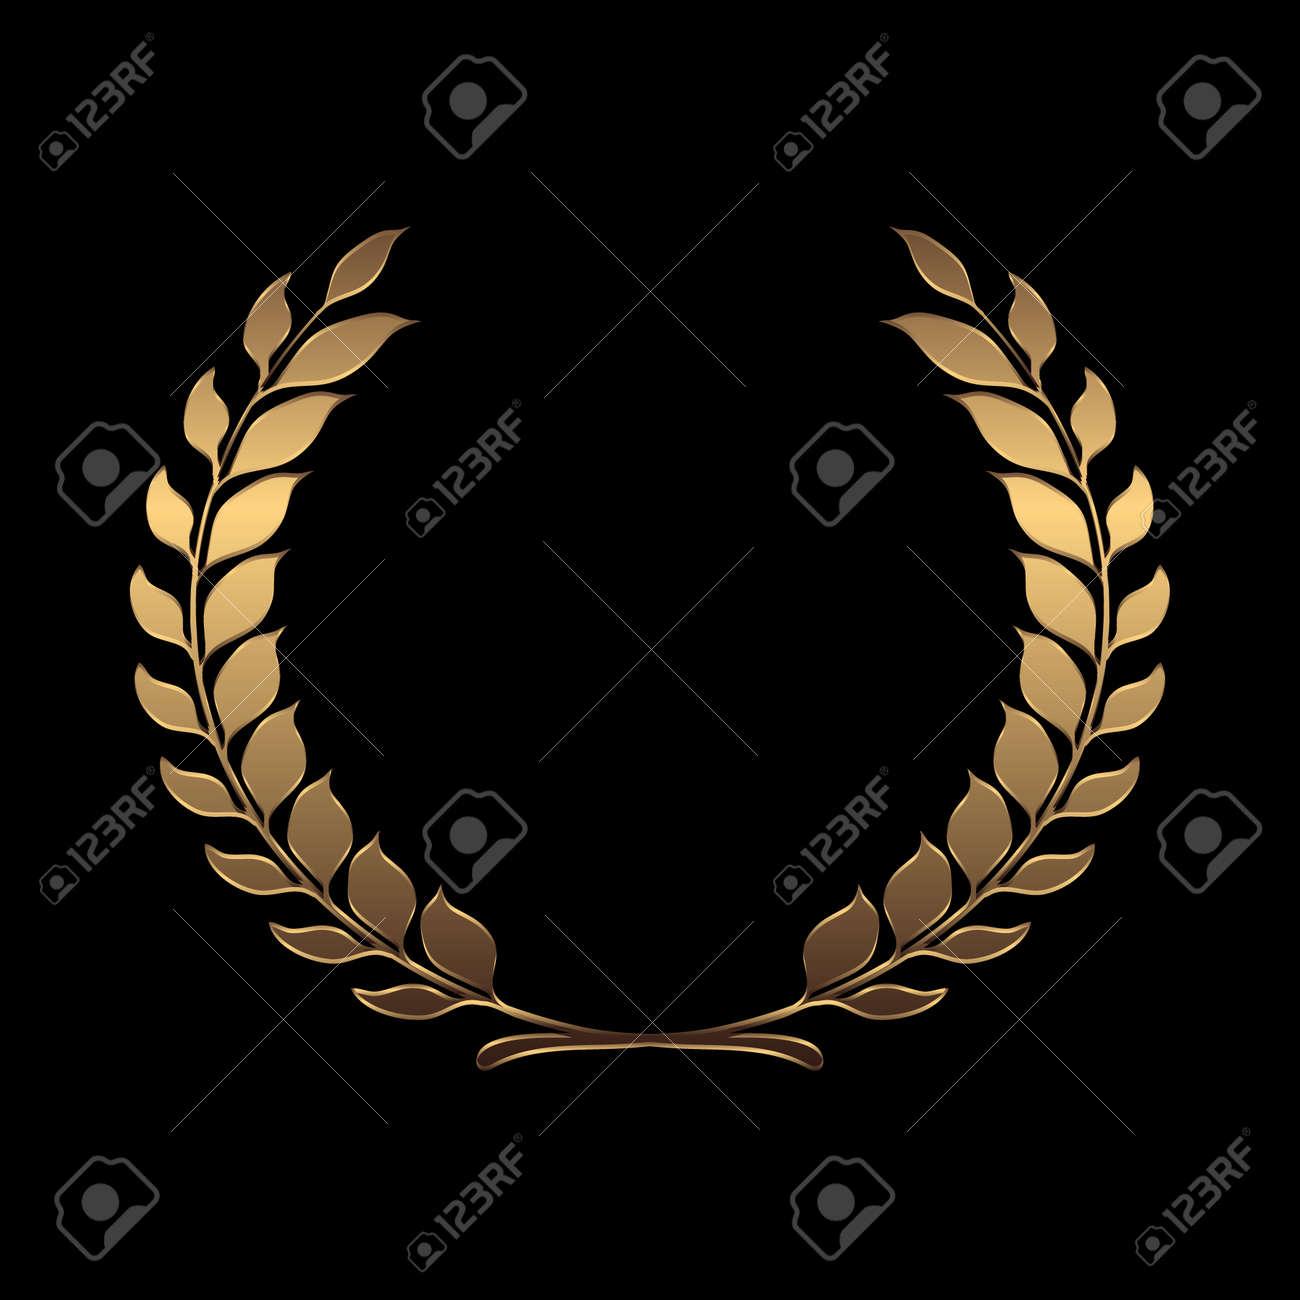 Vector gold award wreaths, laurel on black background vector illustration - 42460215